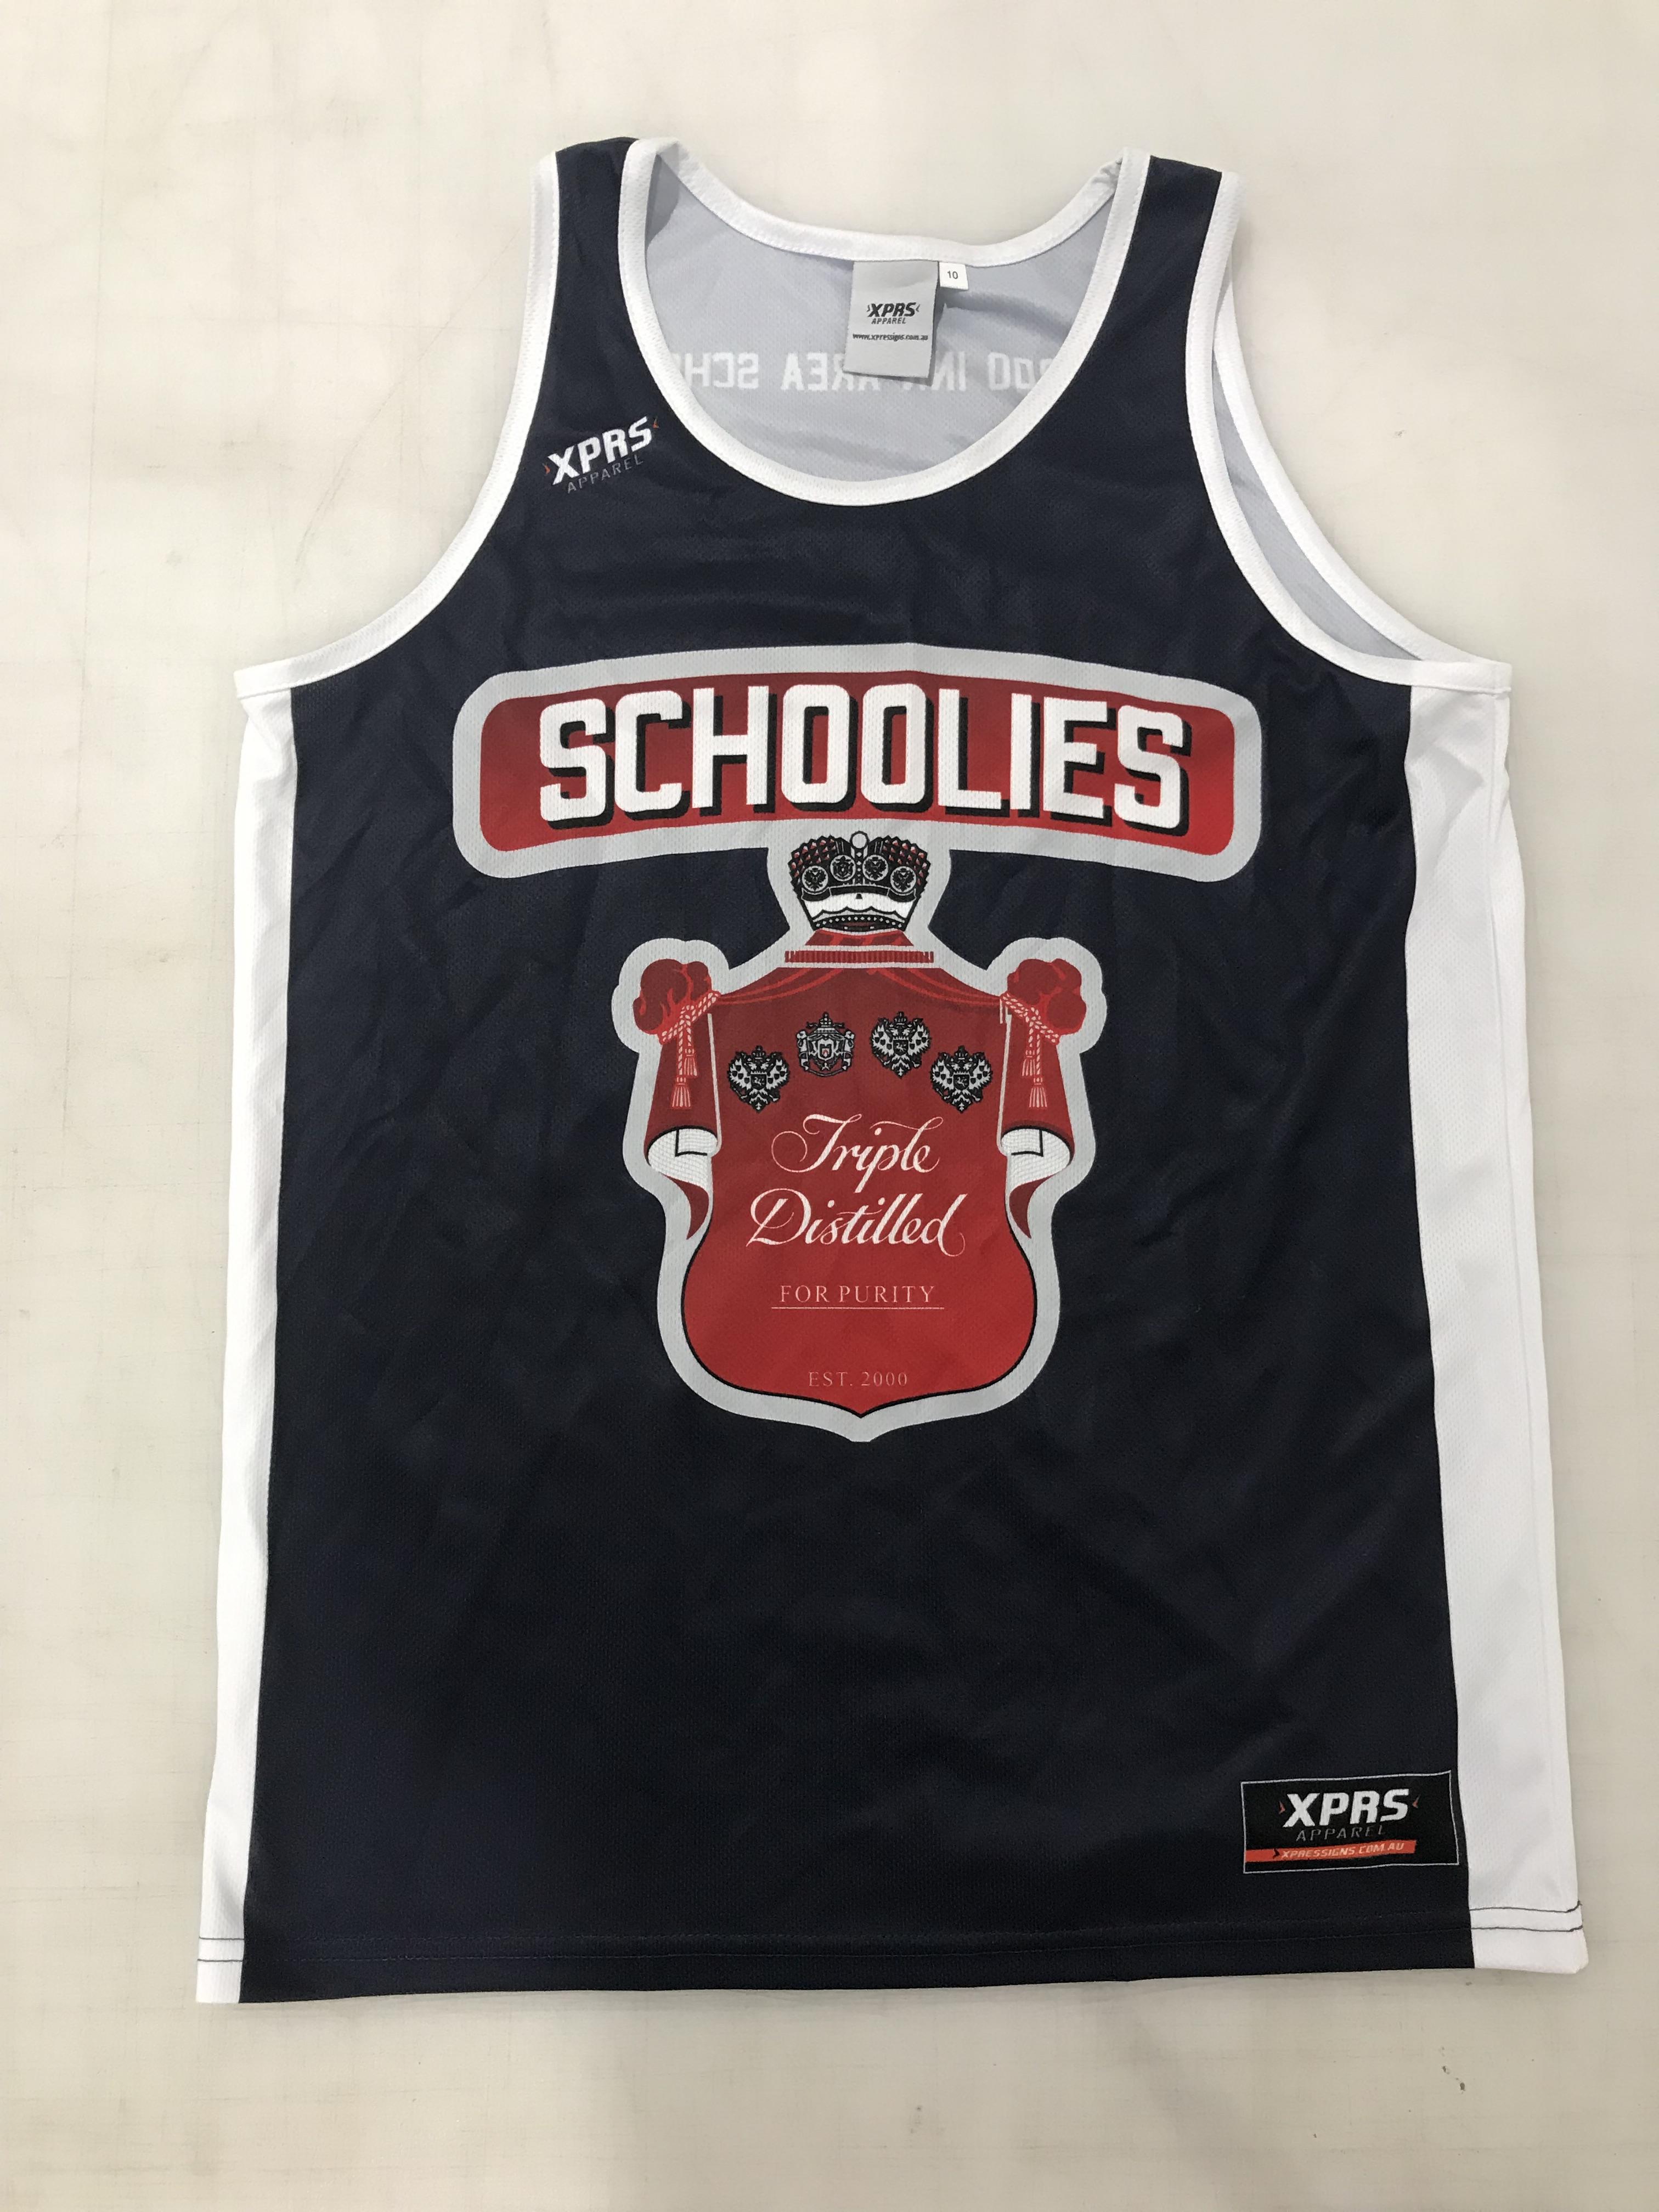 Schoolies Singlets